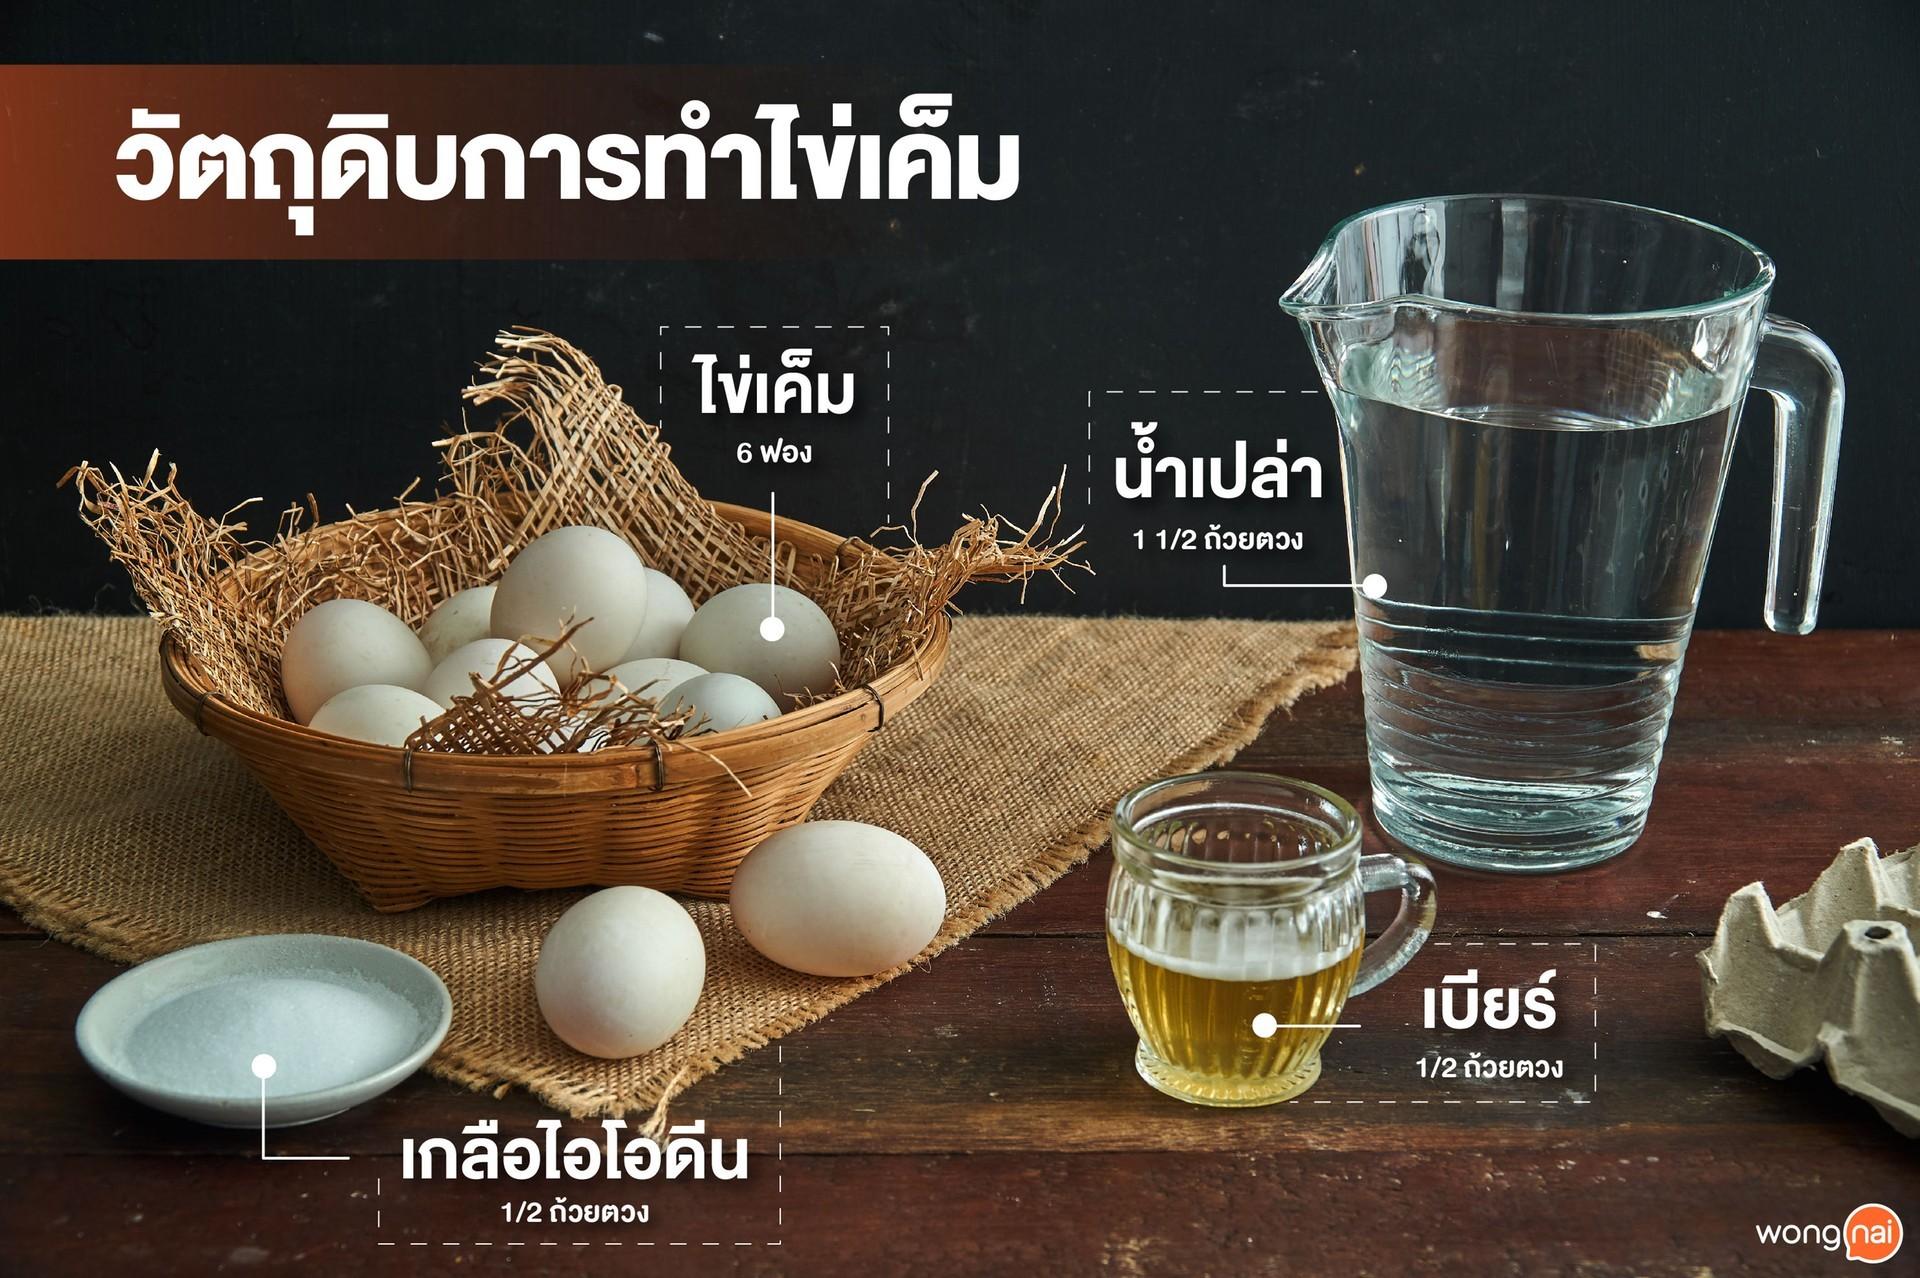 วัตถุดิบการทำไข่เค็ม